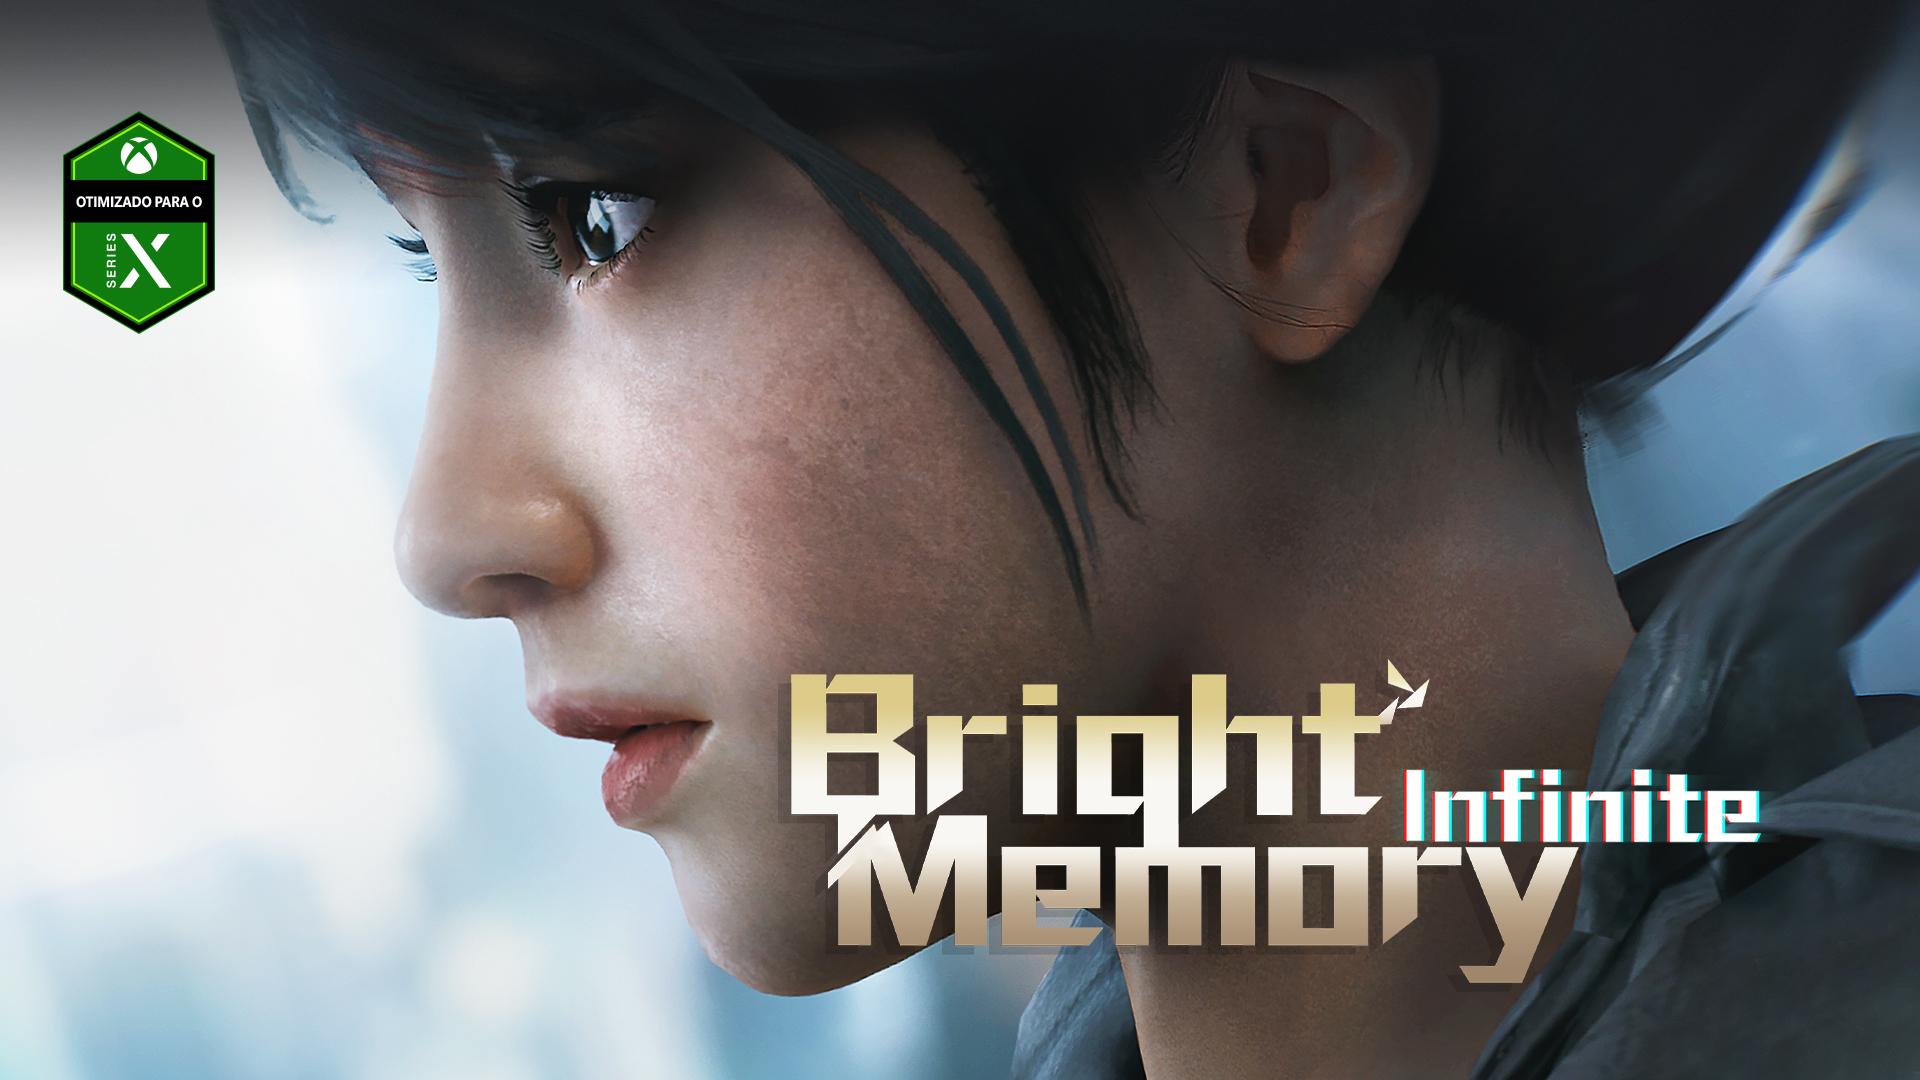 Bright Memory Infinite, Otimizado para a Series X, uma jovem olha para o longe.